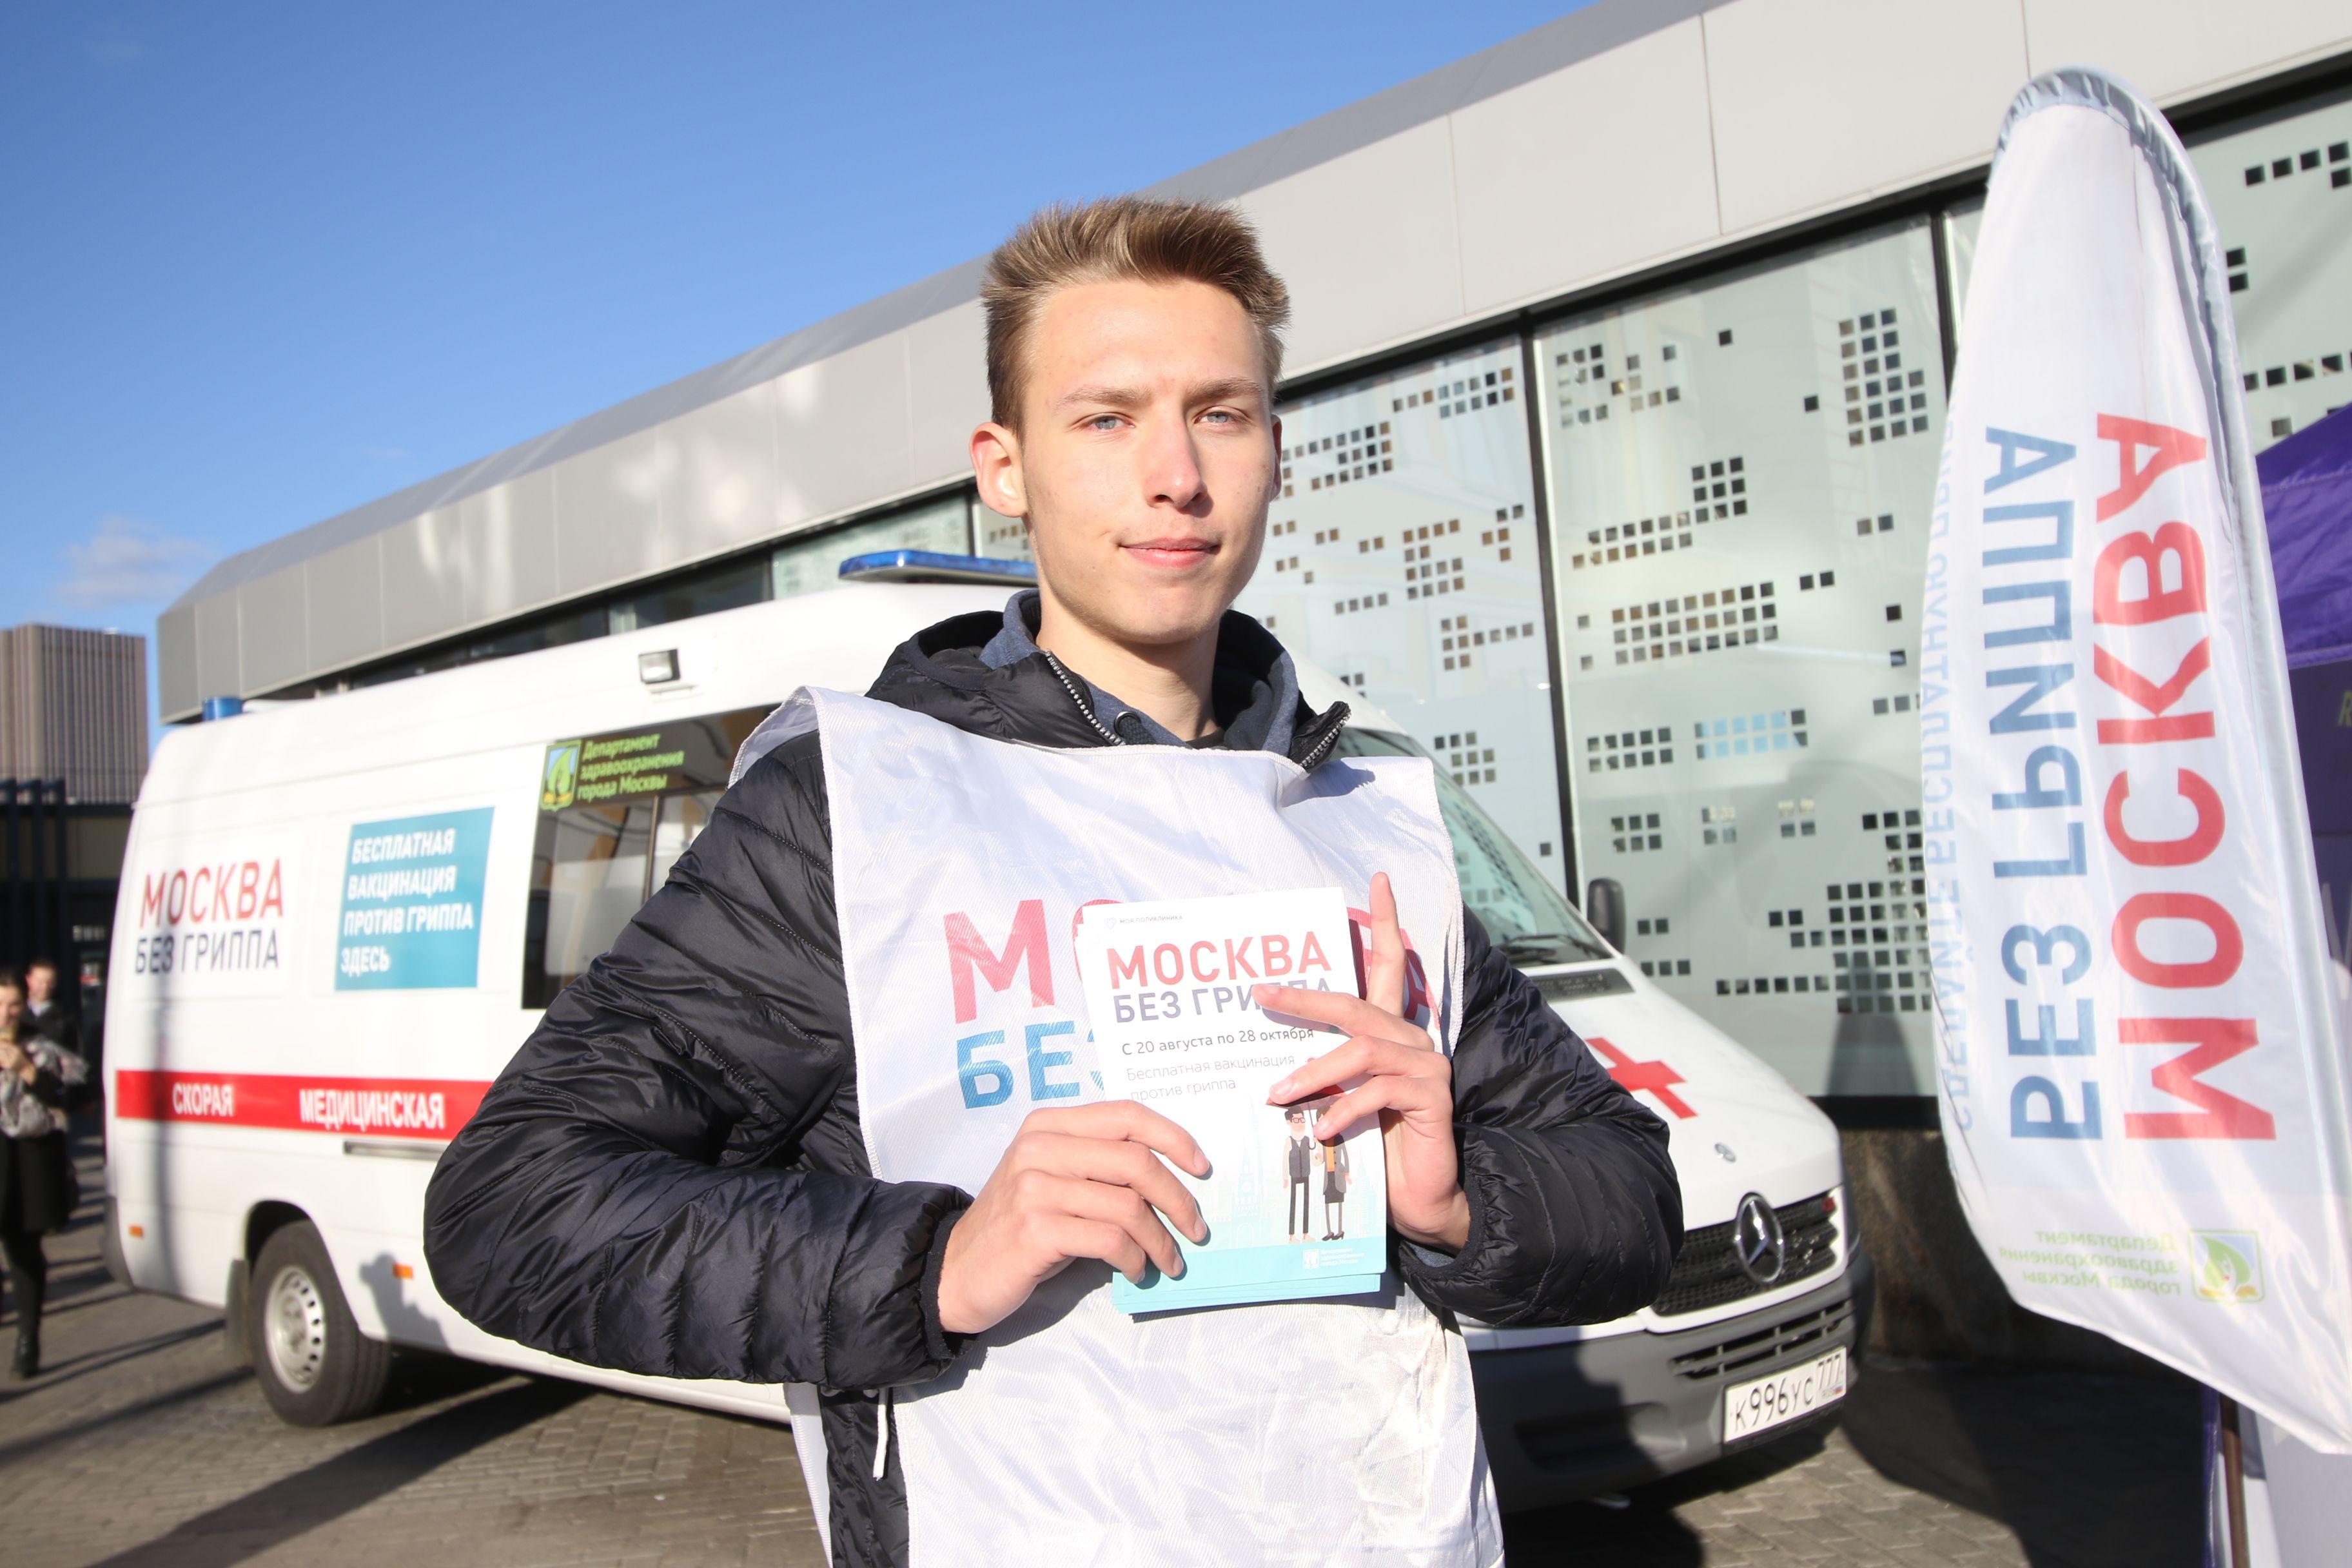 Участниками бесплатной вакцинации стали 1,5 миллиона москвичей за месяц